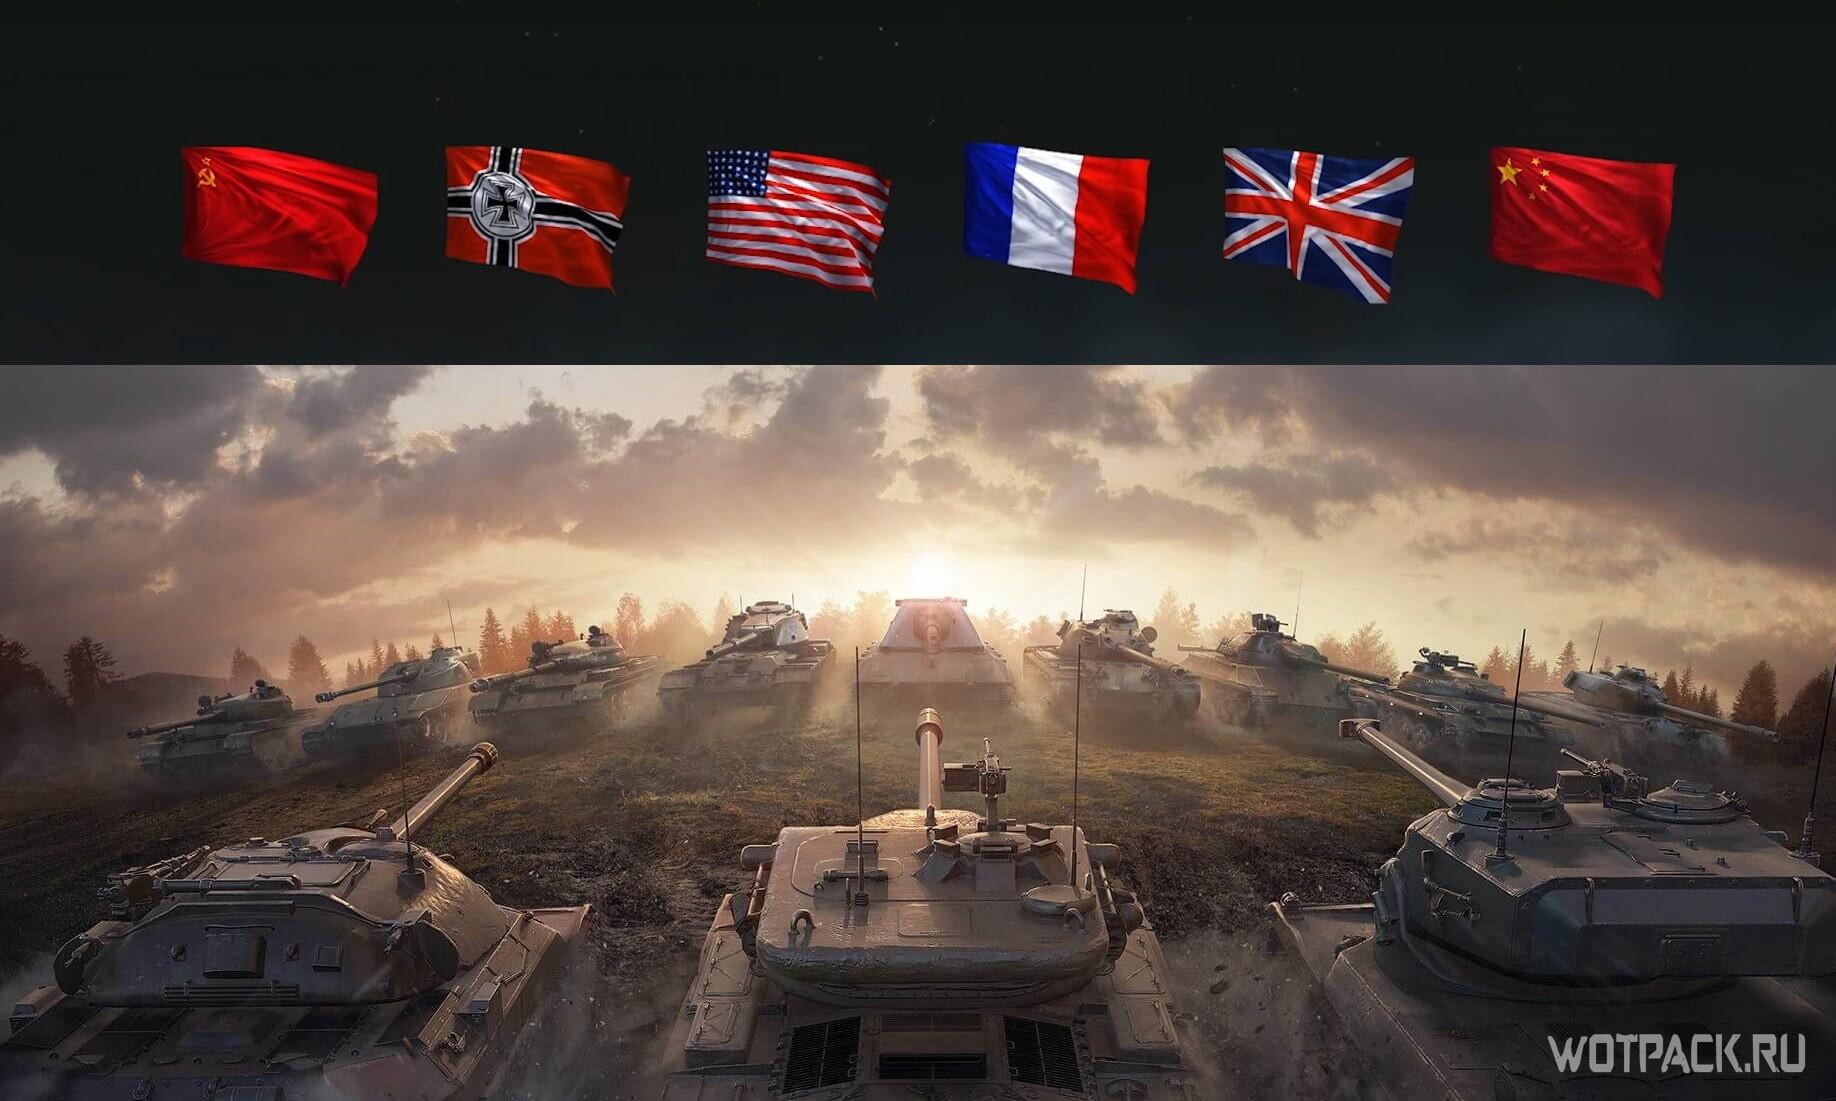 Какие танки станут «коллекционными»? Их уберут из веток развития